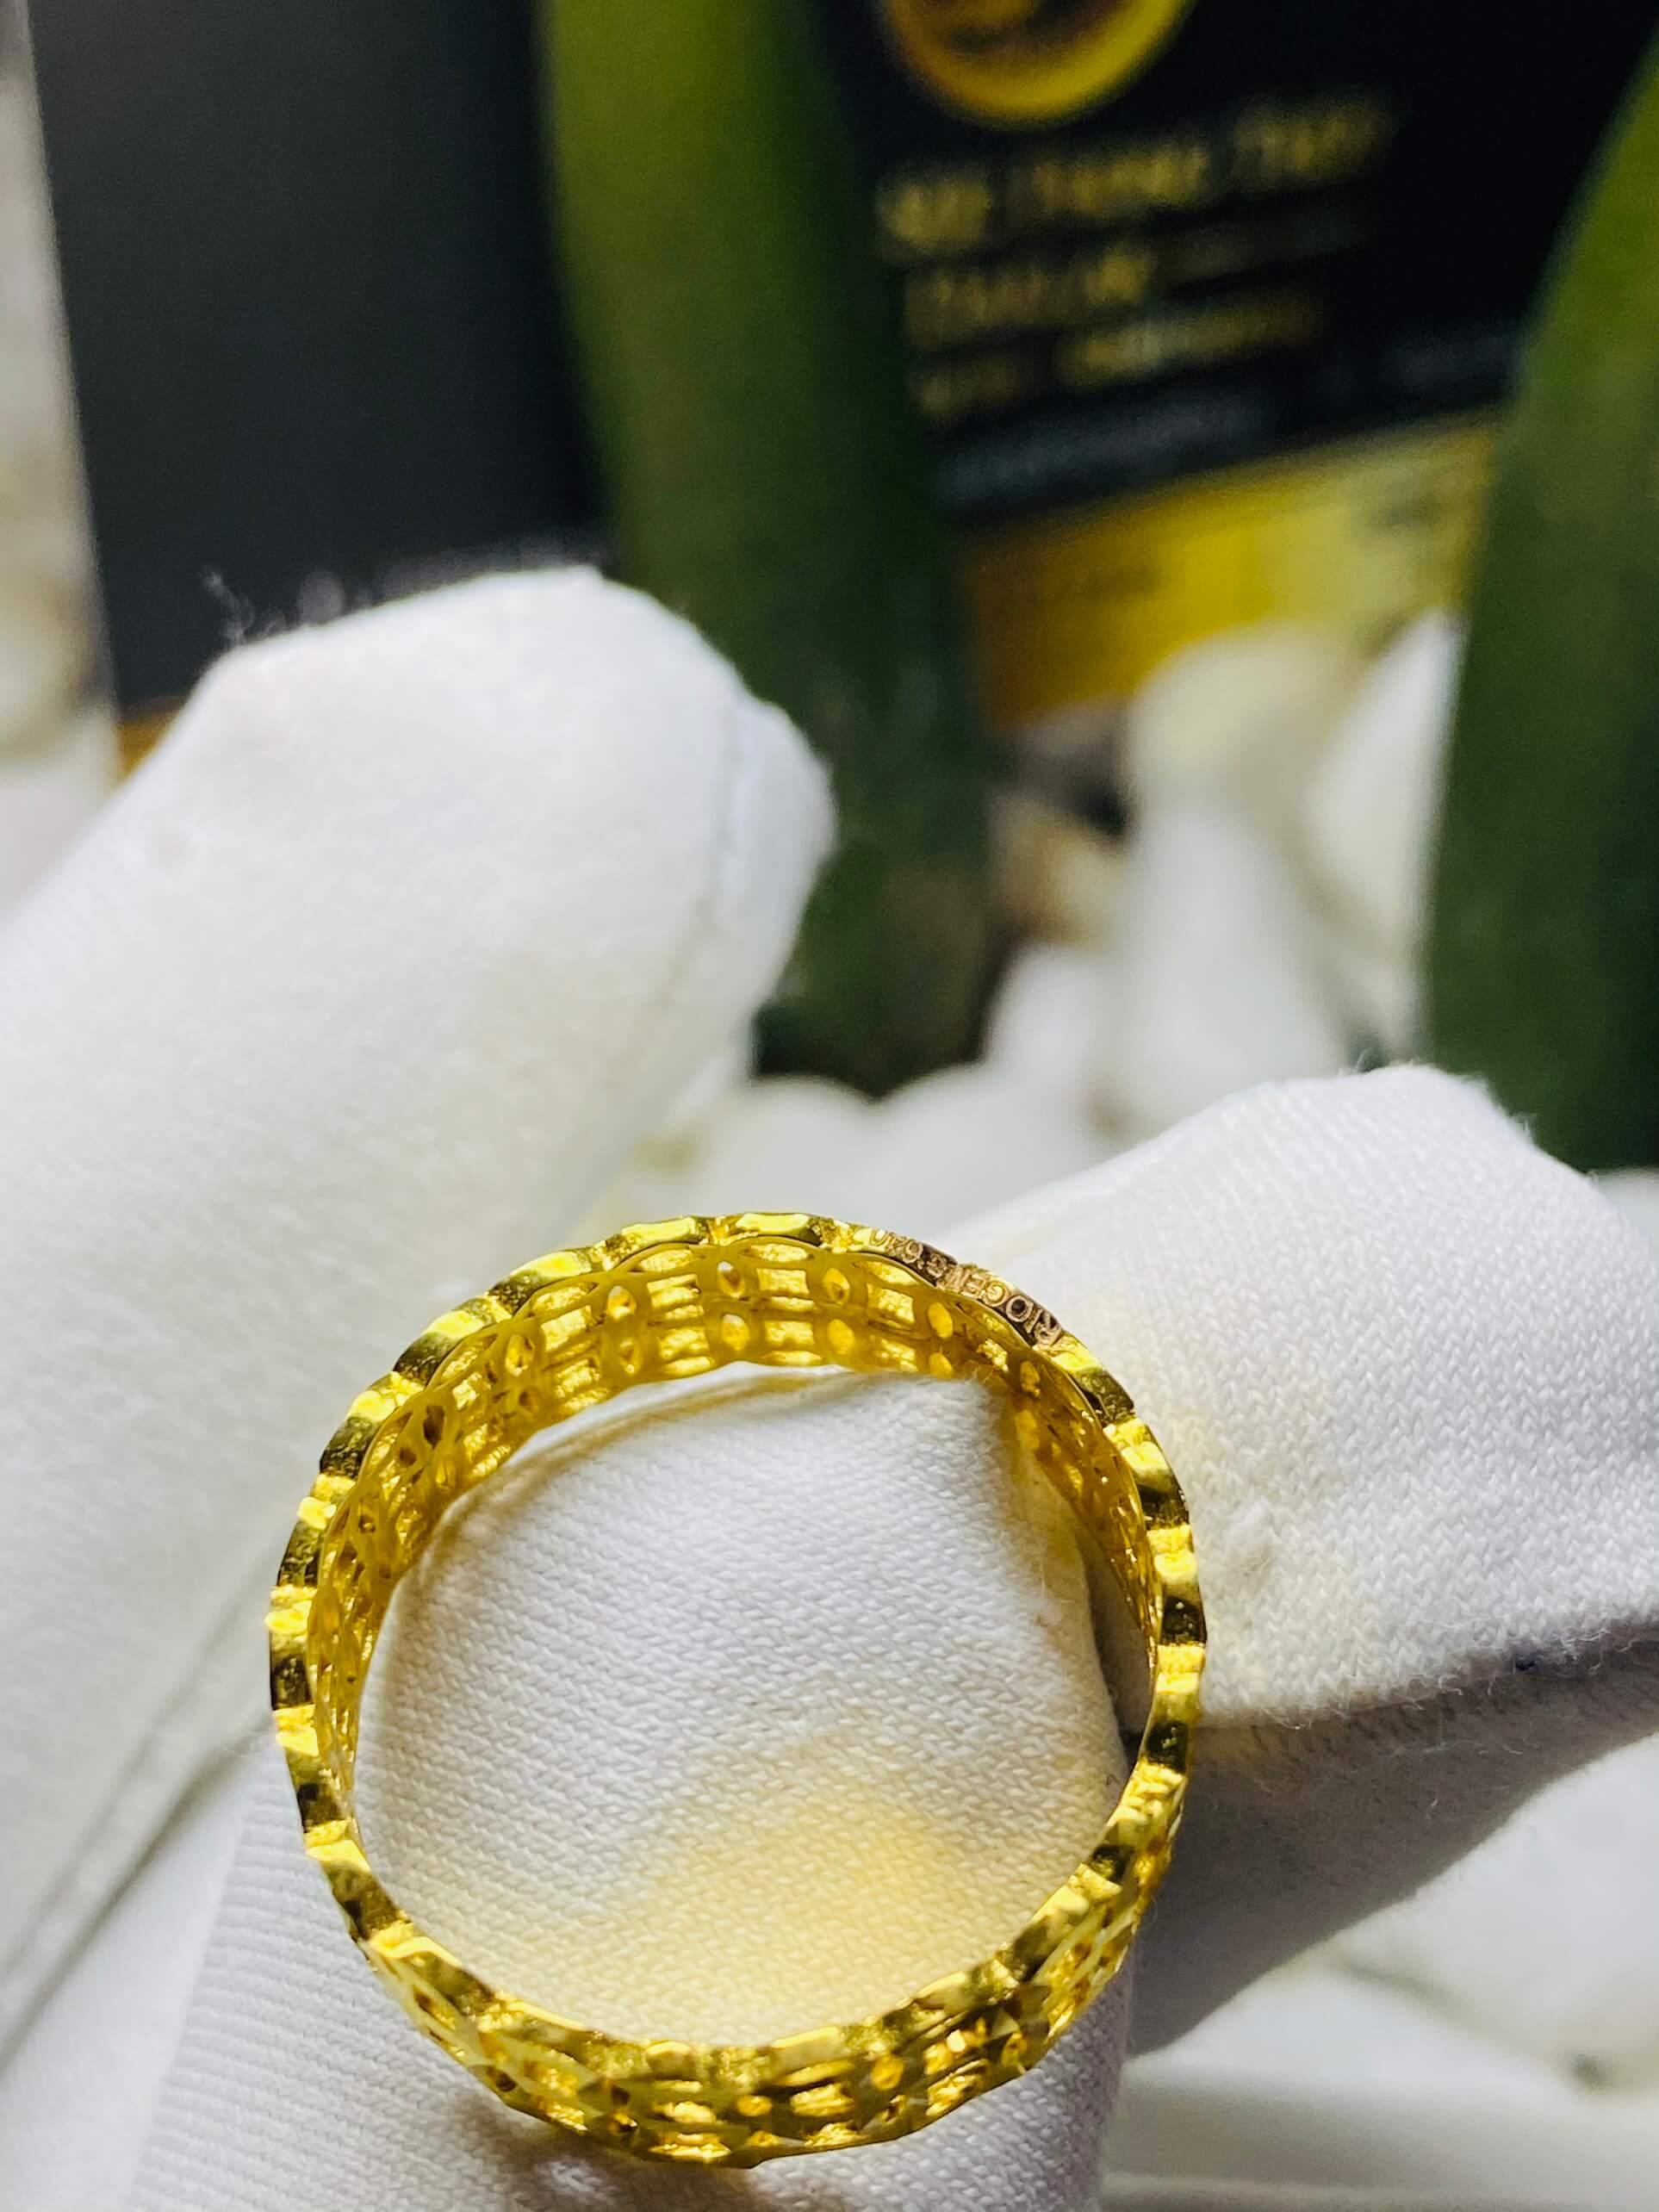 nhẫn kim tiền vàng kép 18K hợp với các mệnh